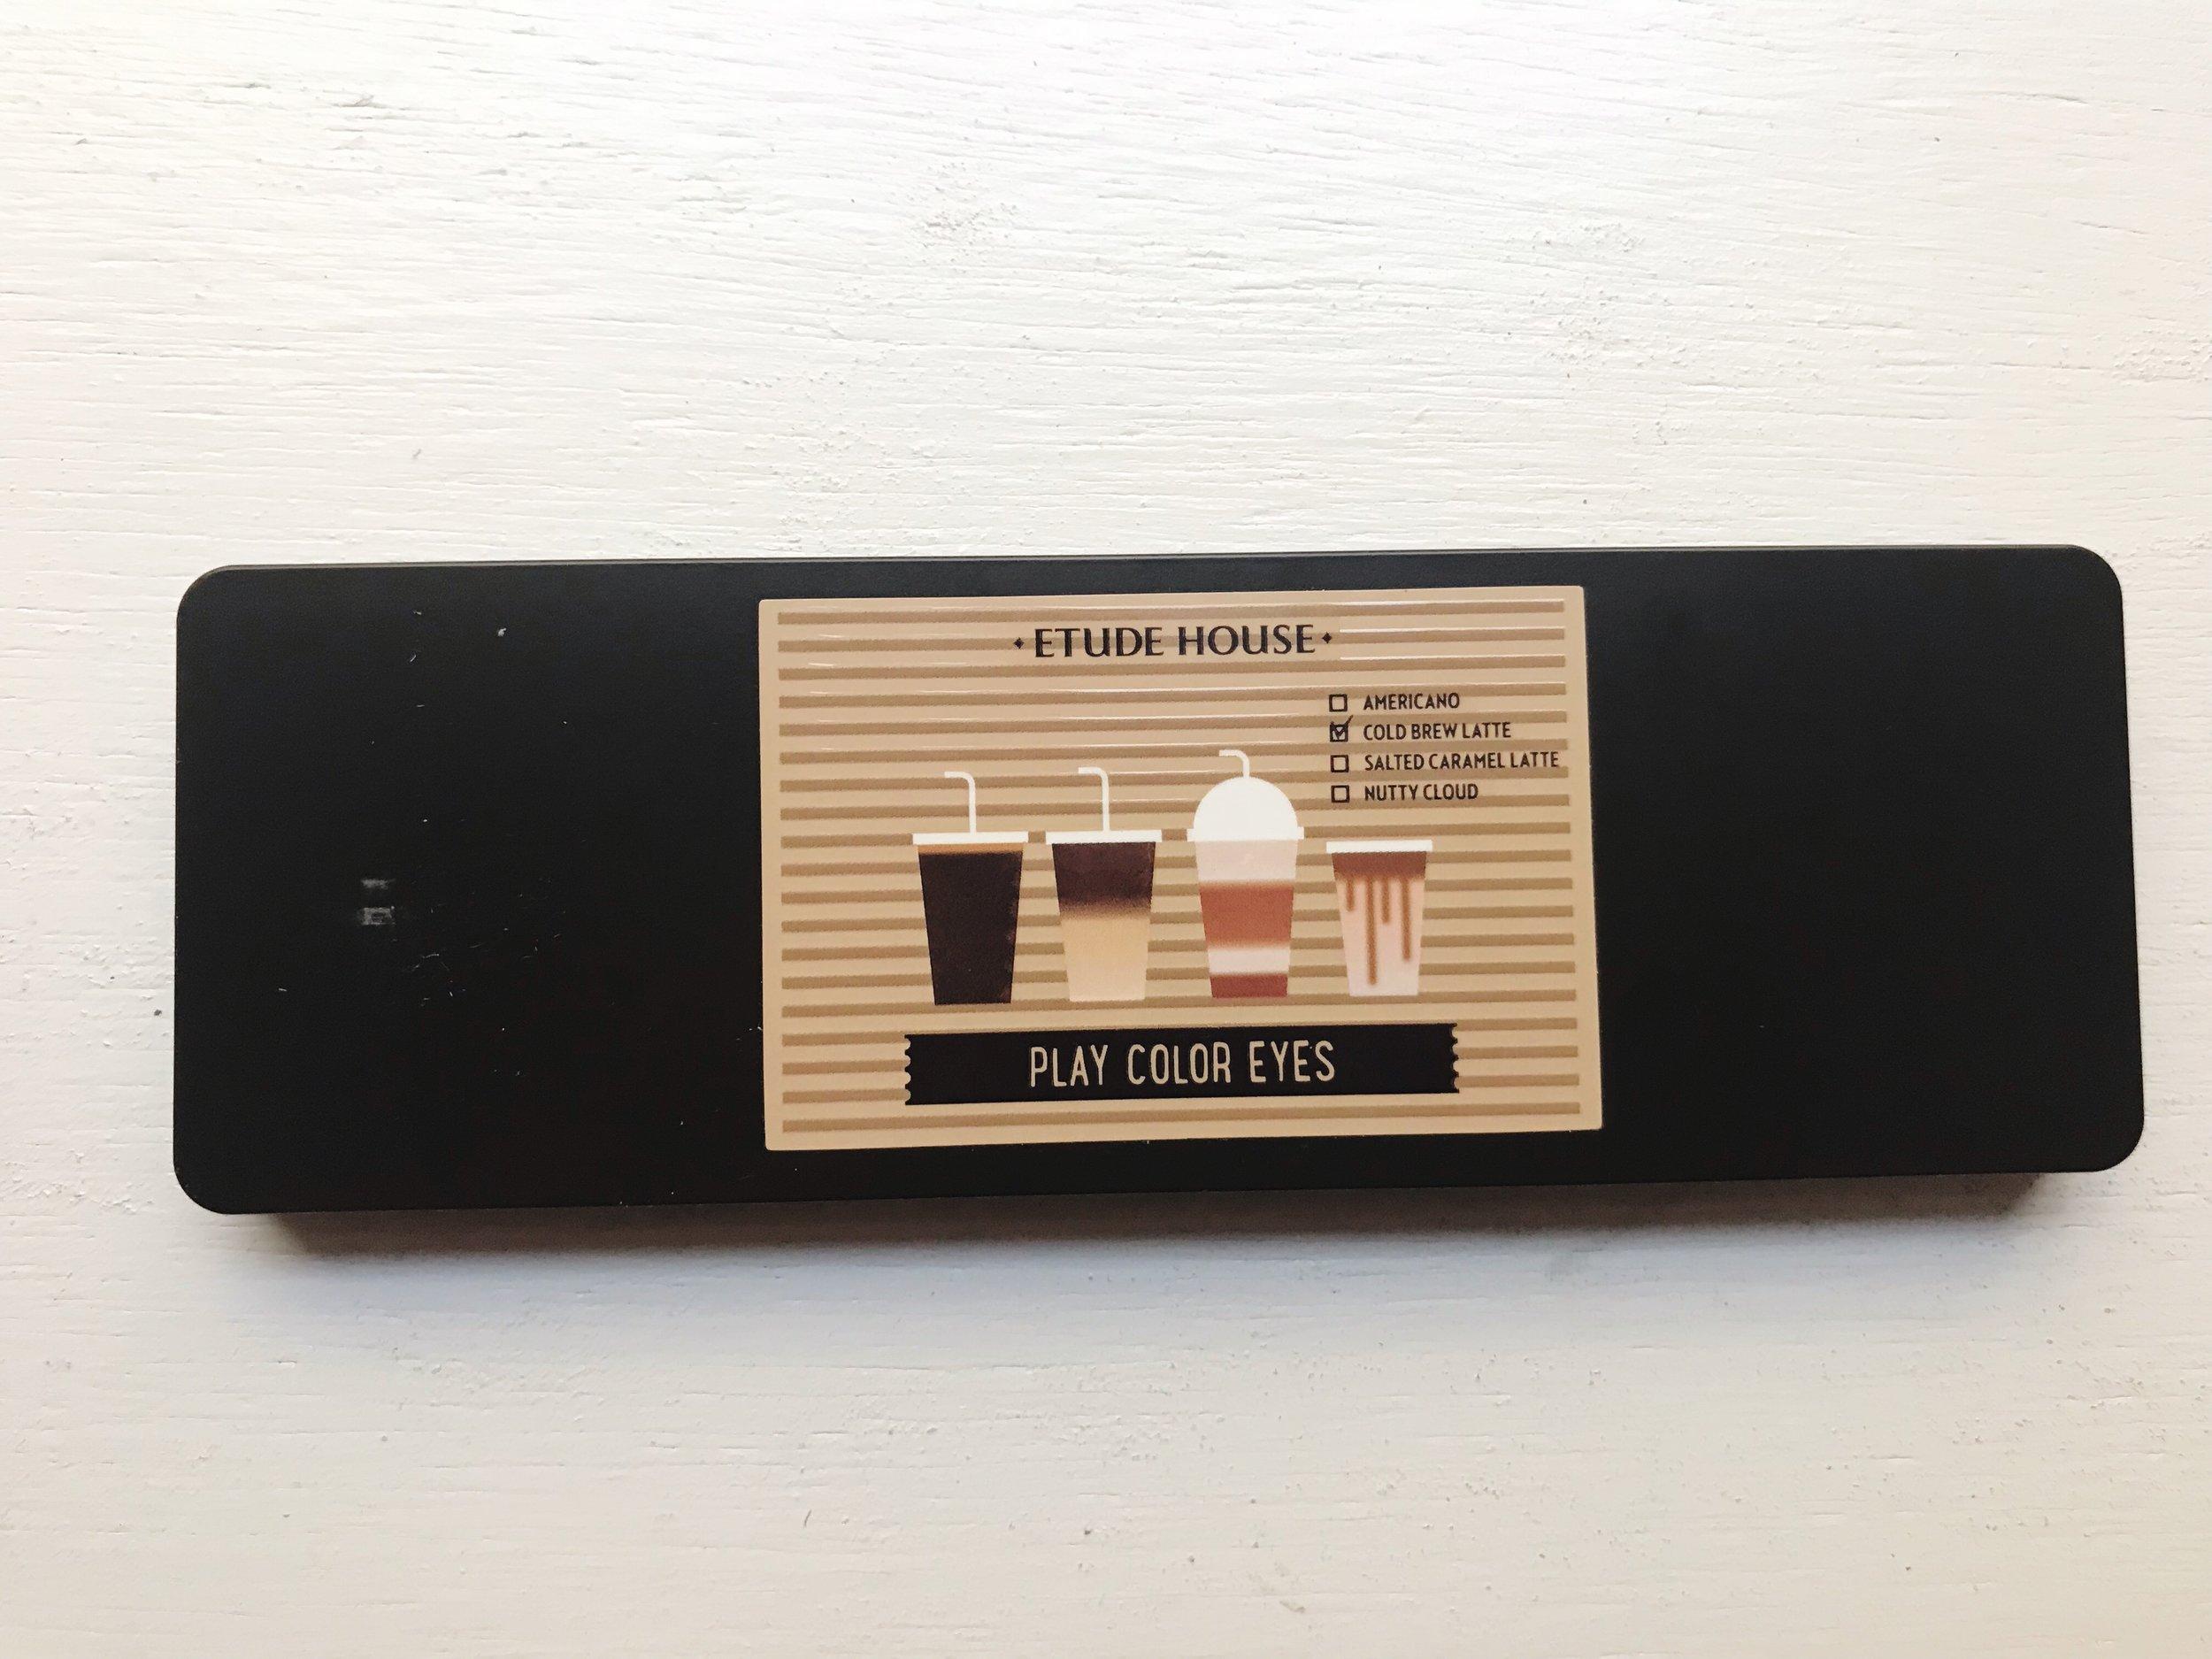 The packaging. Isn't it cute?